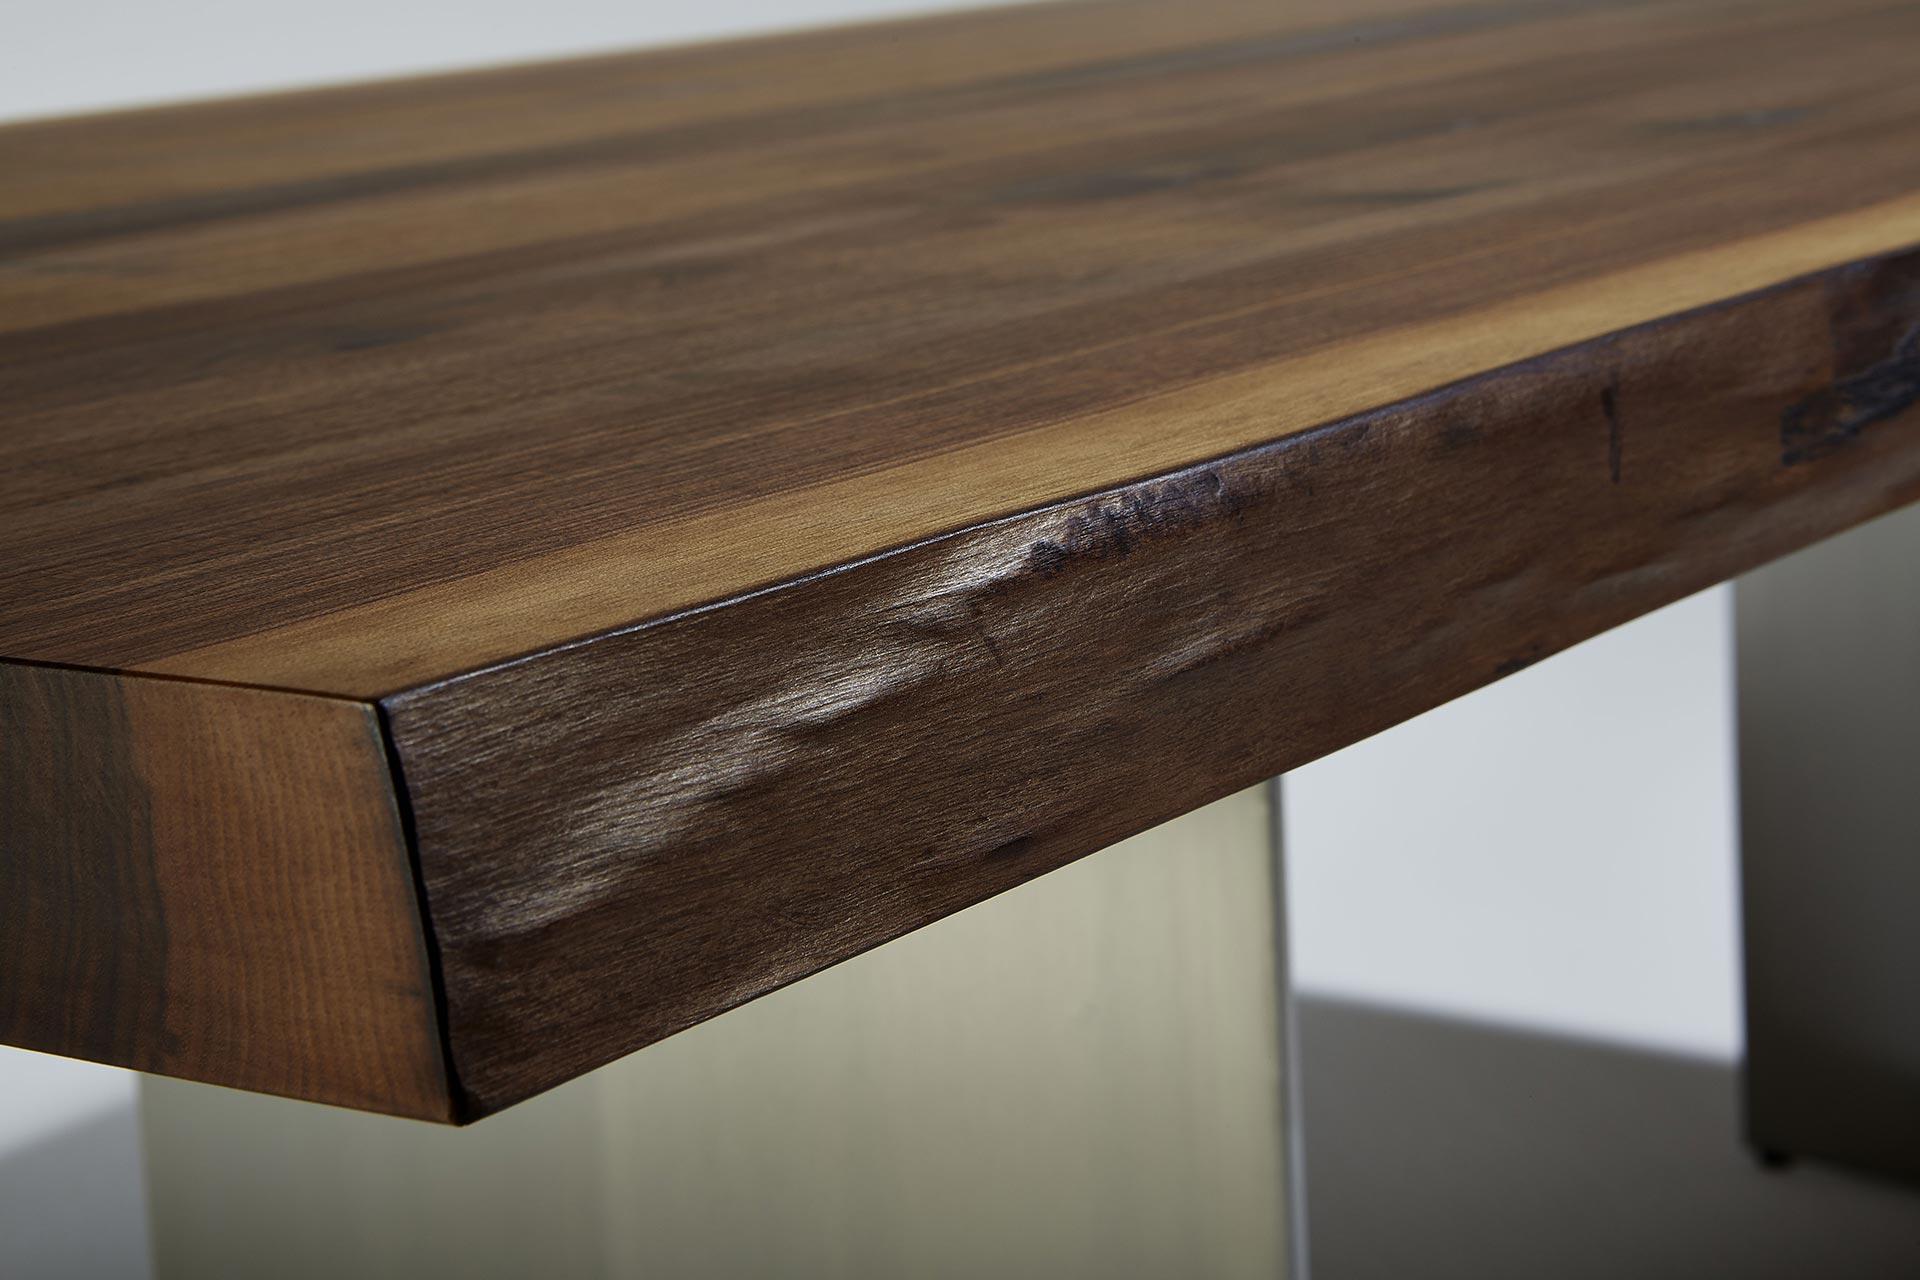 Esstisch Baumkante Nussbaum Rautenfüsse Detail